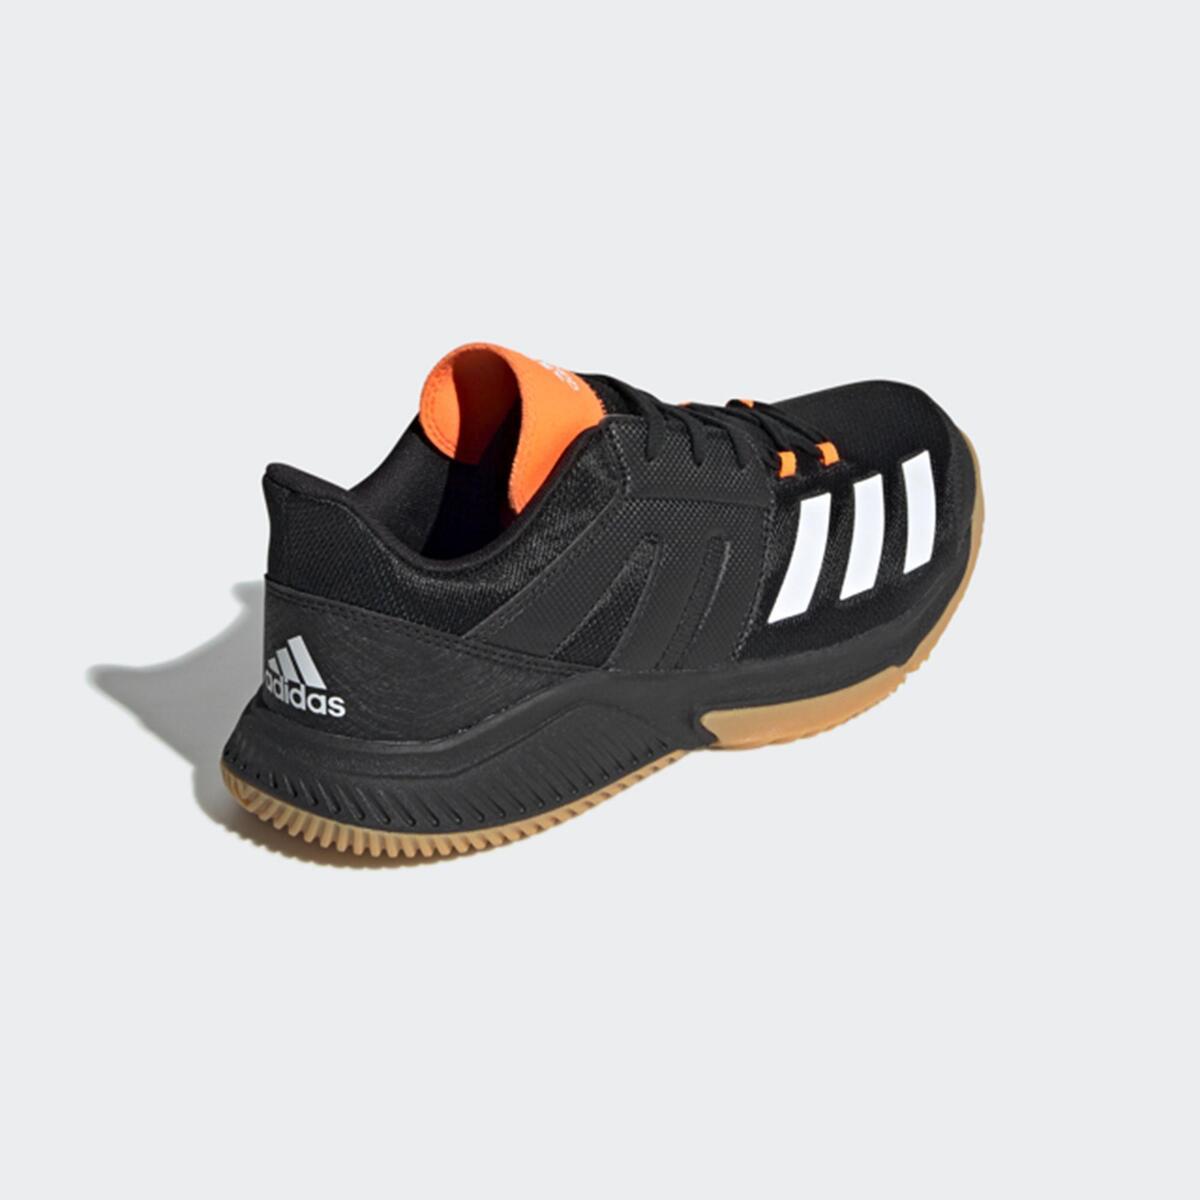 Bild 5 von Handballschuhe Essence Erwachsene schwarz/orange